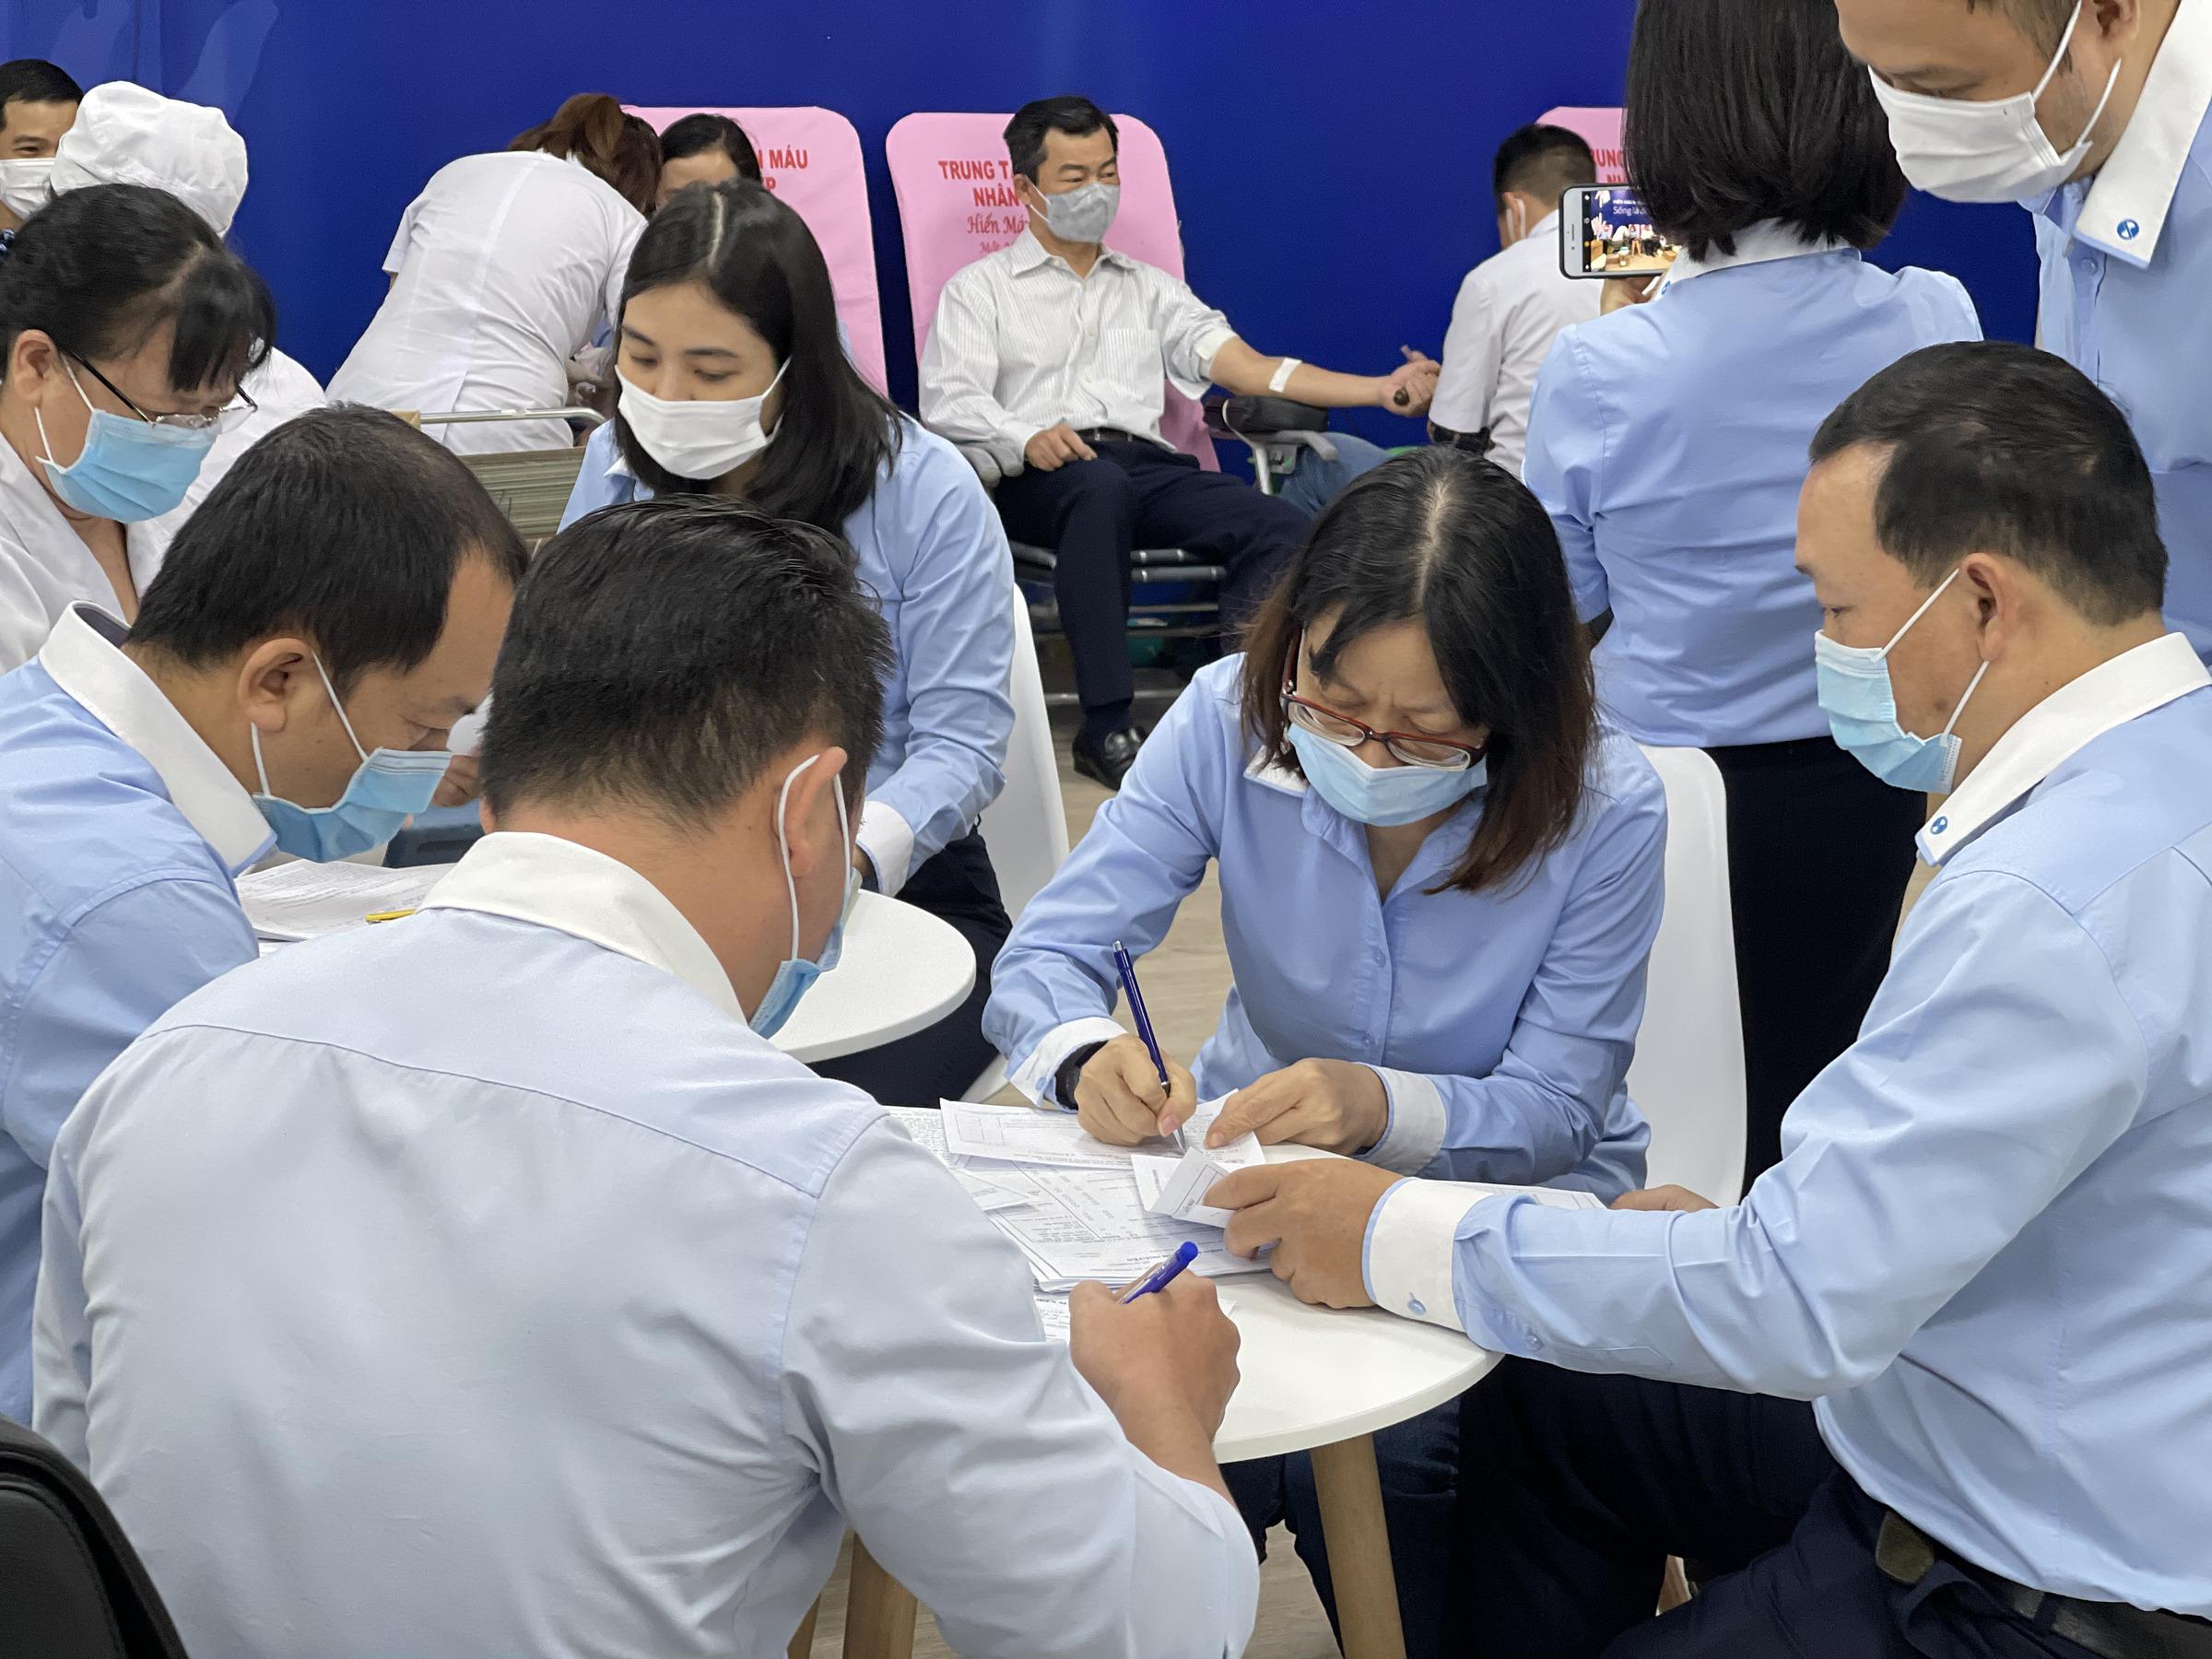 Đông đảo cán bộ nhân viên Eximbank có mặt từ sớm tại TP HCM đến tham gia ghi danh hiến máu. Ảnh: Eximbank.